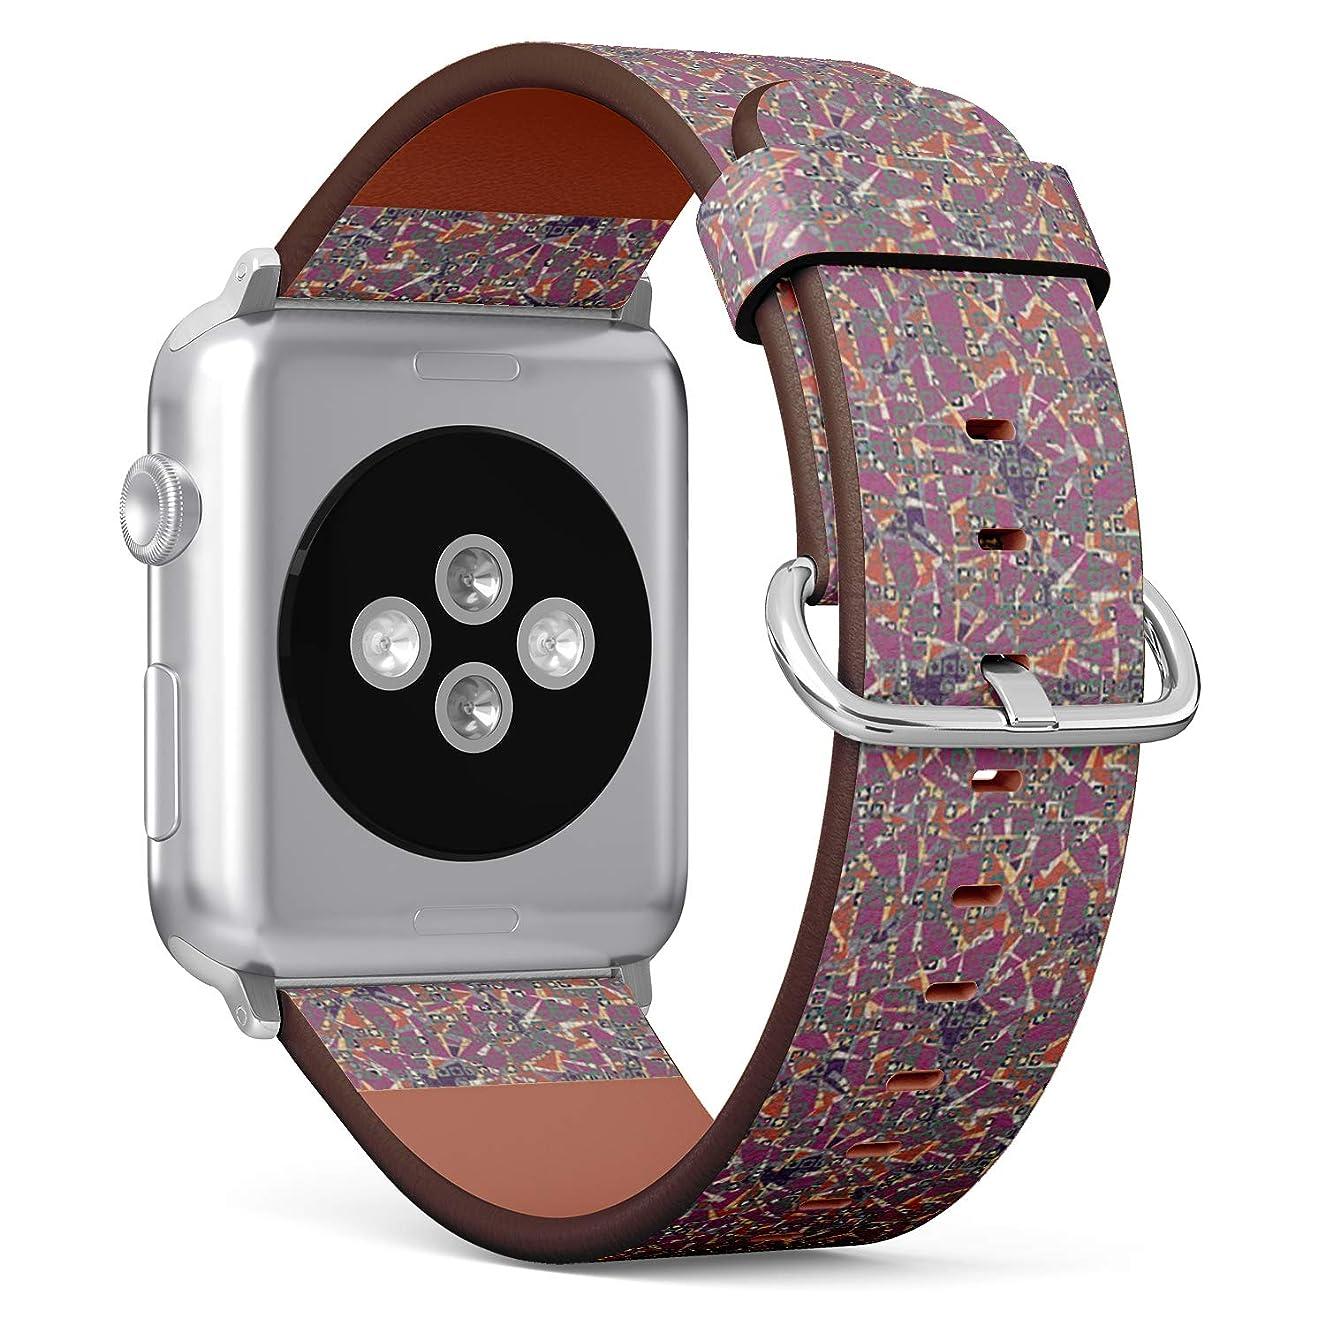 愚かな知性くるみコンパチブル Apple Watch iWatch 42mm & 44mm - 本革レザーストラップ, 向けのバンド交換ストラップです コンパチブル アップルウォッチ バンド (上位層からなる)